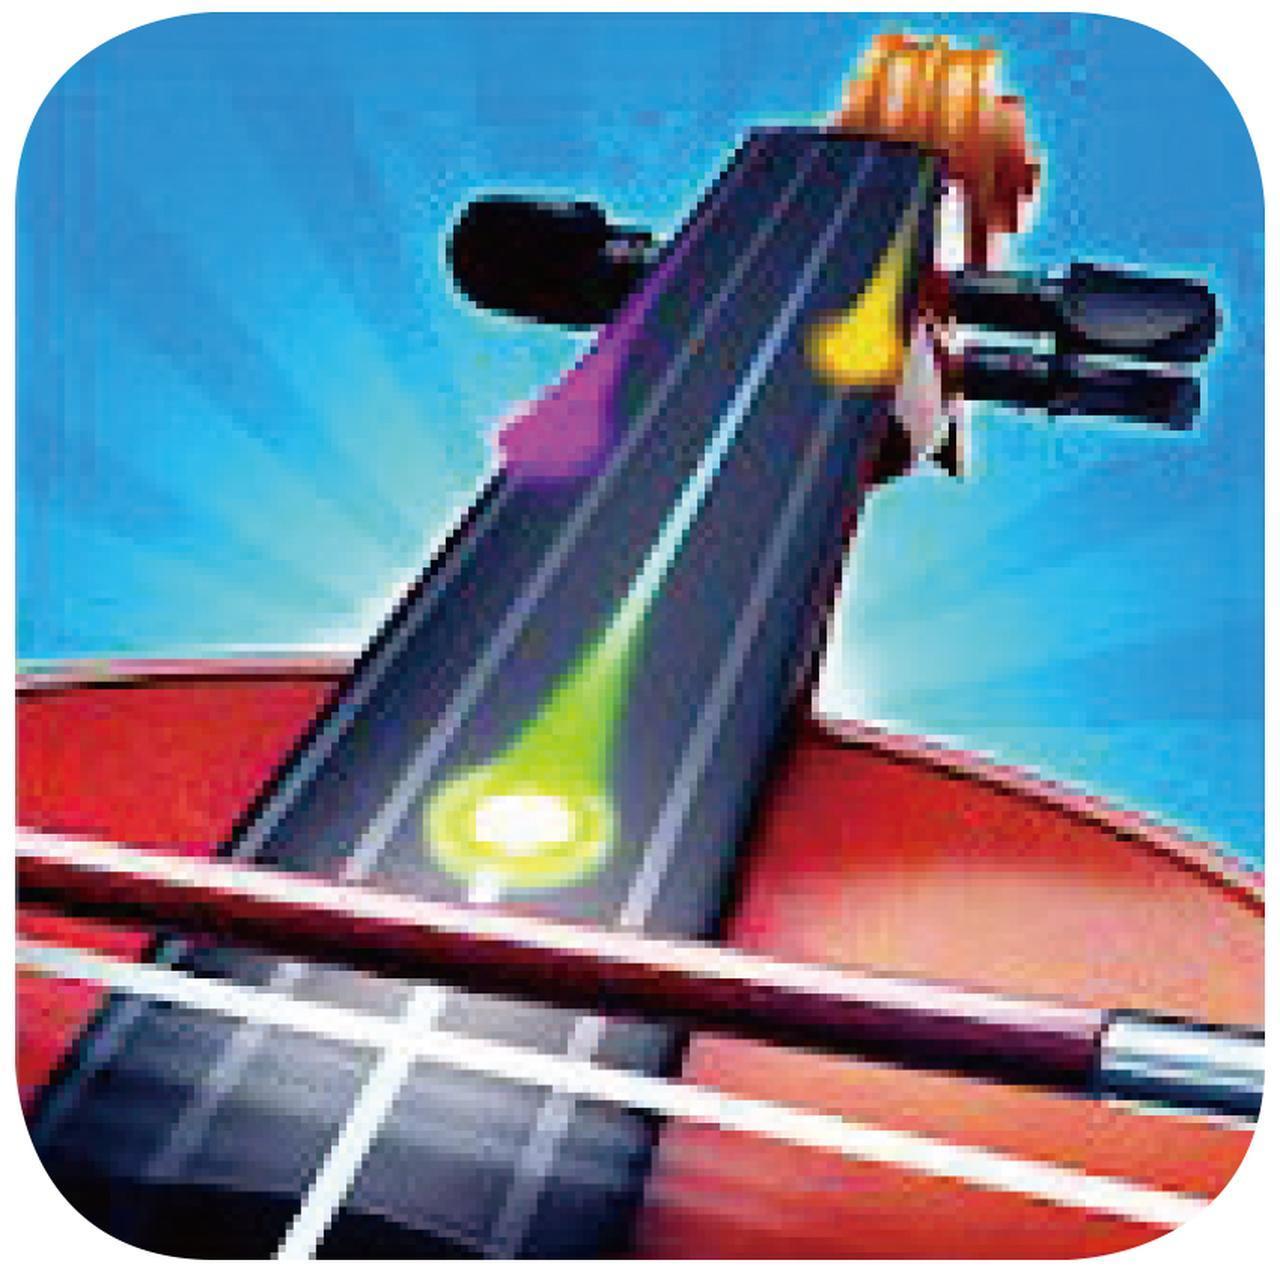 画像4: 【無料楽器アプリ】バイオリンやドラムを演奏! 1人バンドを実現!おすすめ4選はコレだ